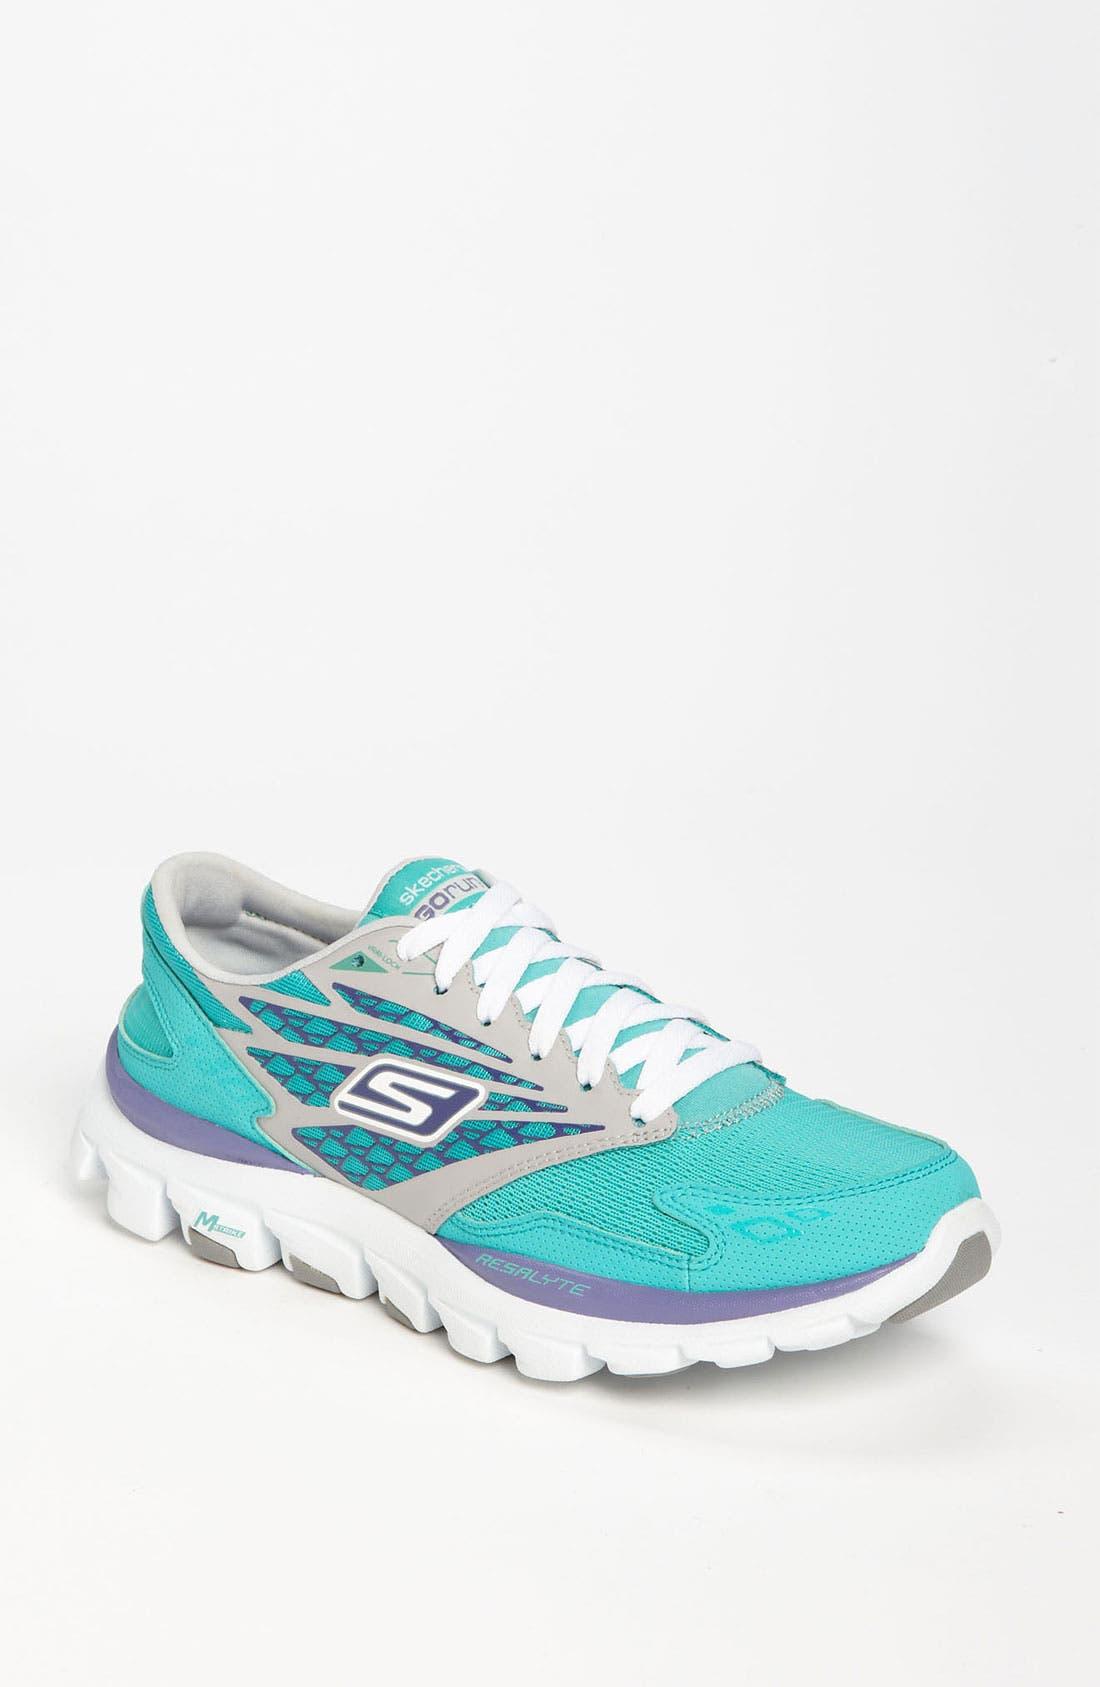 Main Image - SKECHERS 'GOrun Ride' Running Shoe (Women)